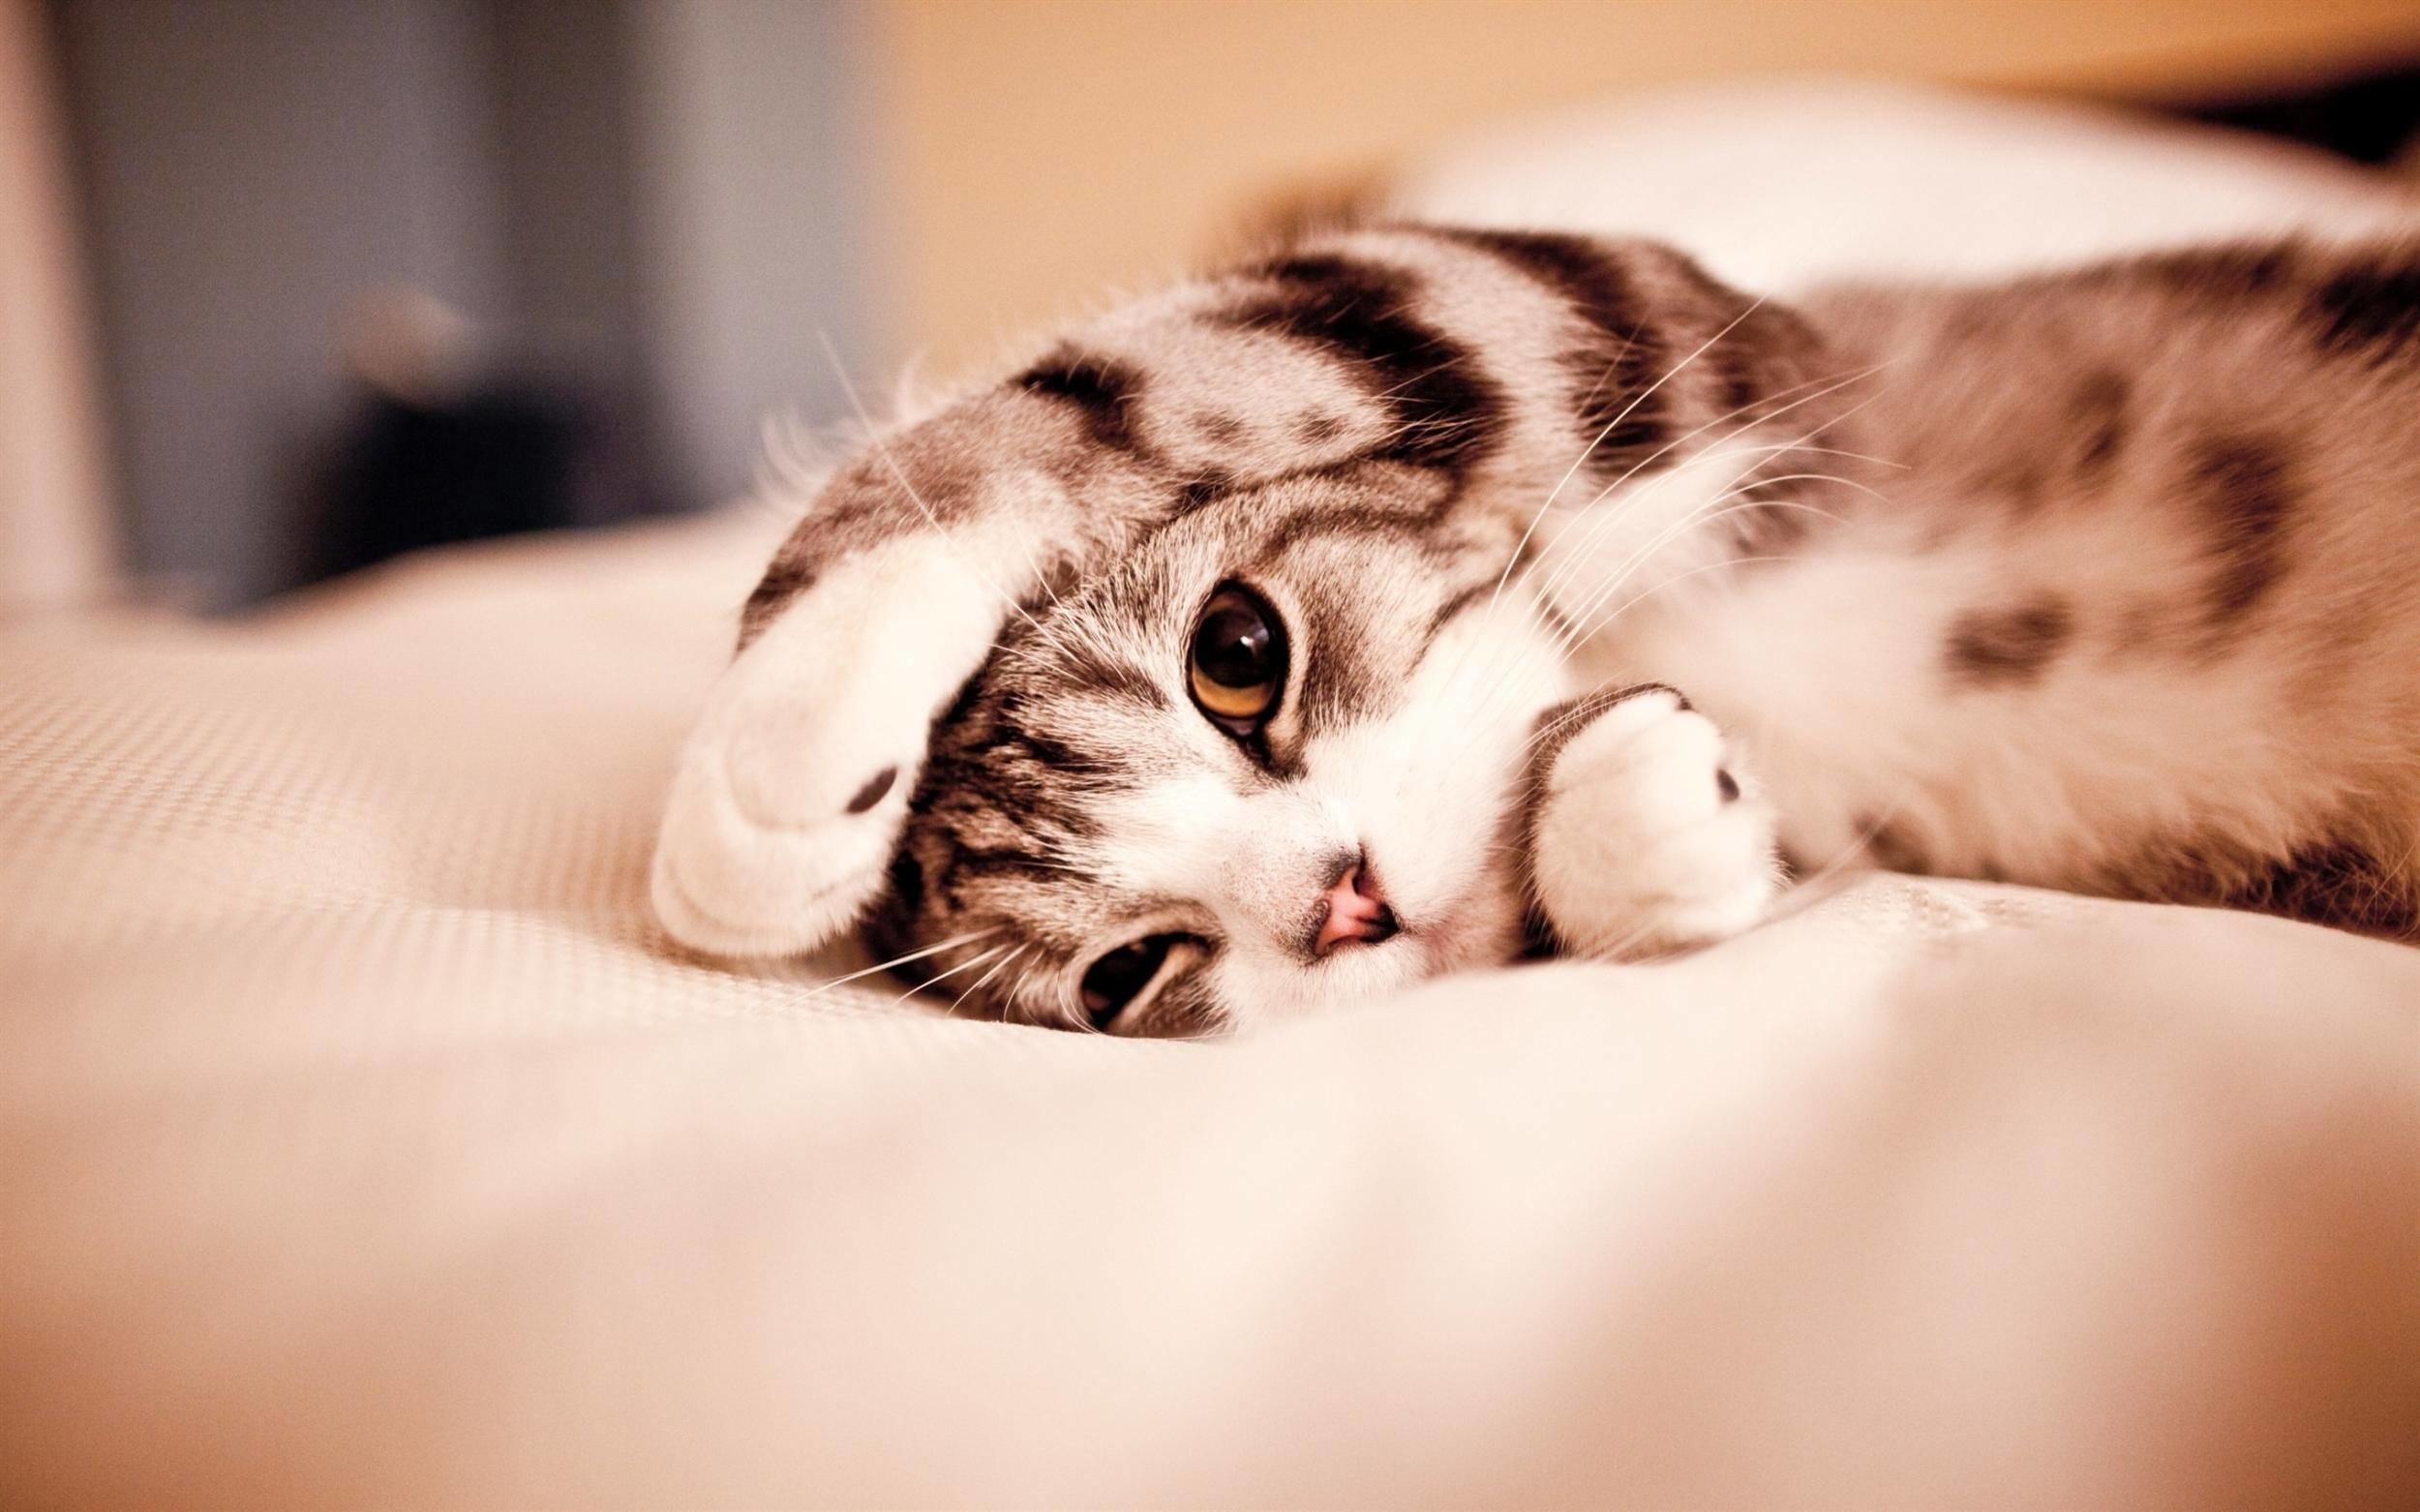 Cute Cat Wallpaper HD Background Do – Cats Wallpaper